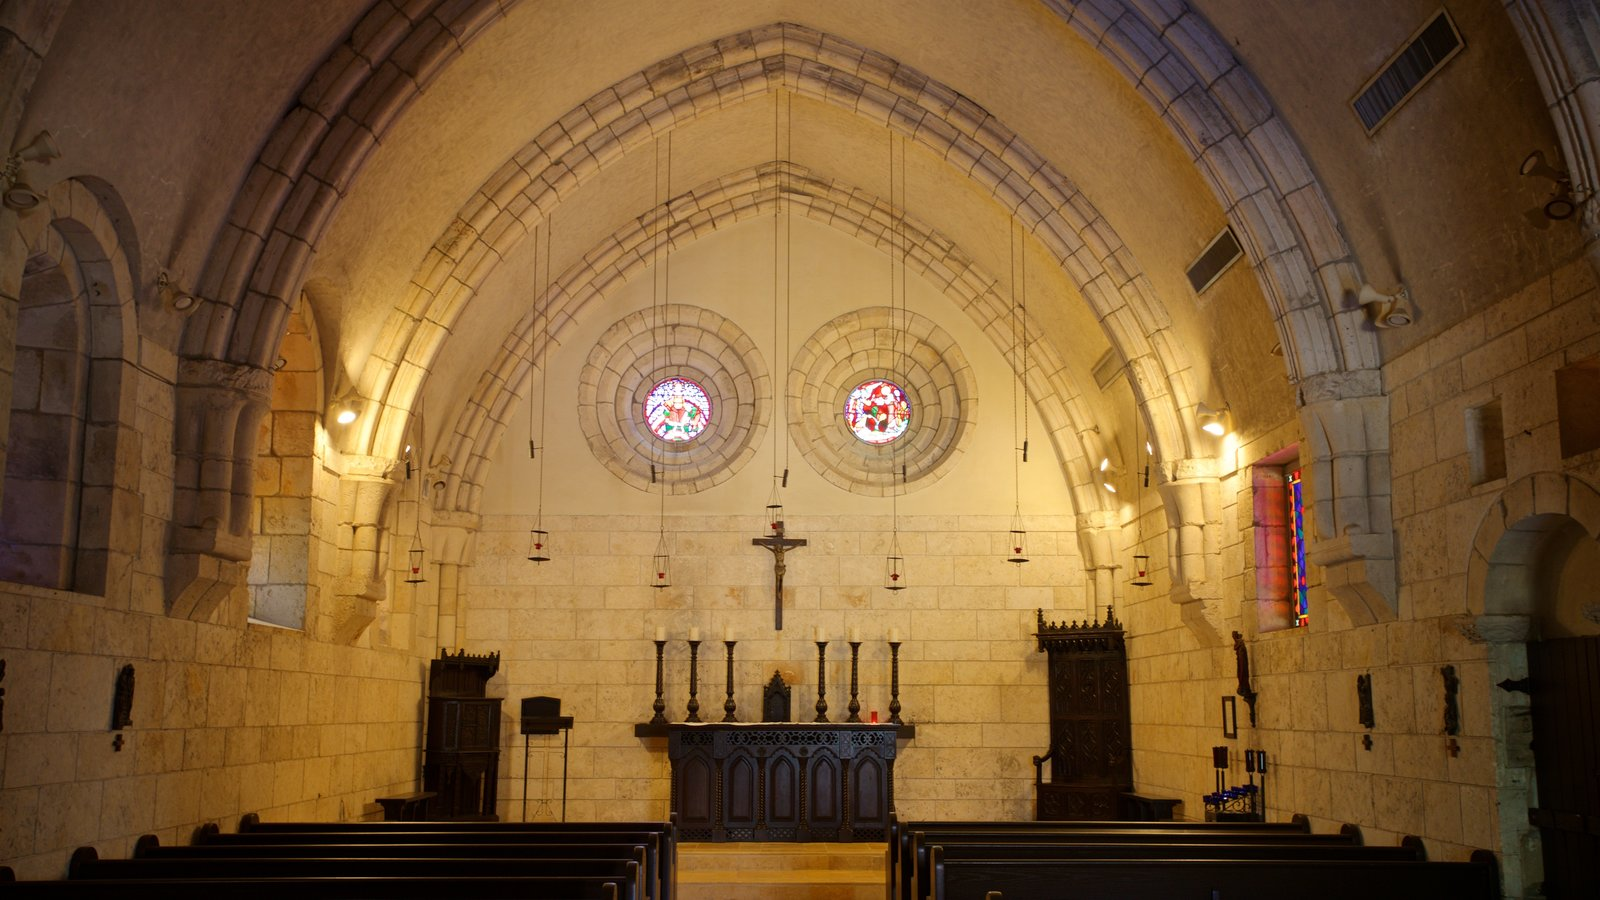 Antiguo Monasterio Español mostrando elementos del patrimonio, vistas interiores y una iglesia o catedral